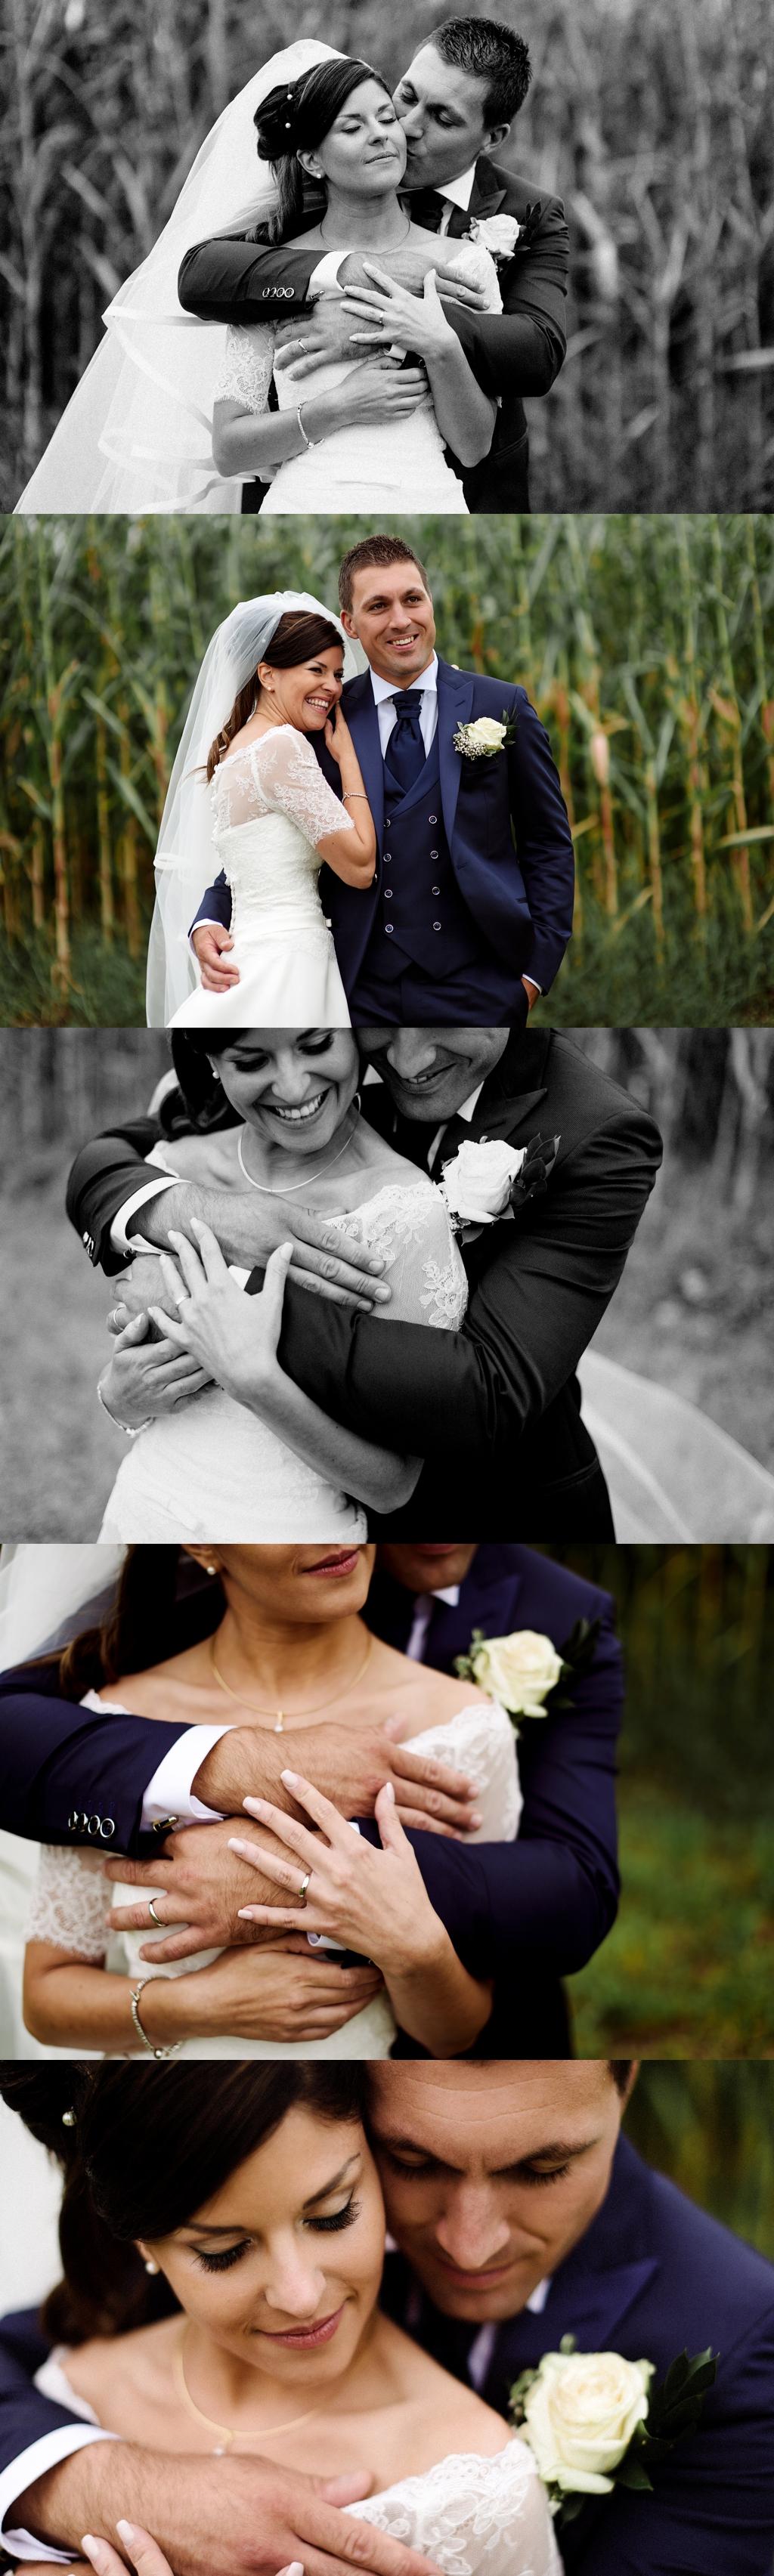 fotografo matrimonio ritratto sposi abbracci